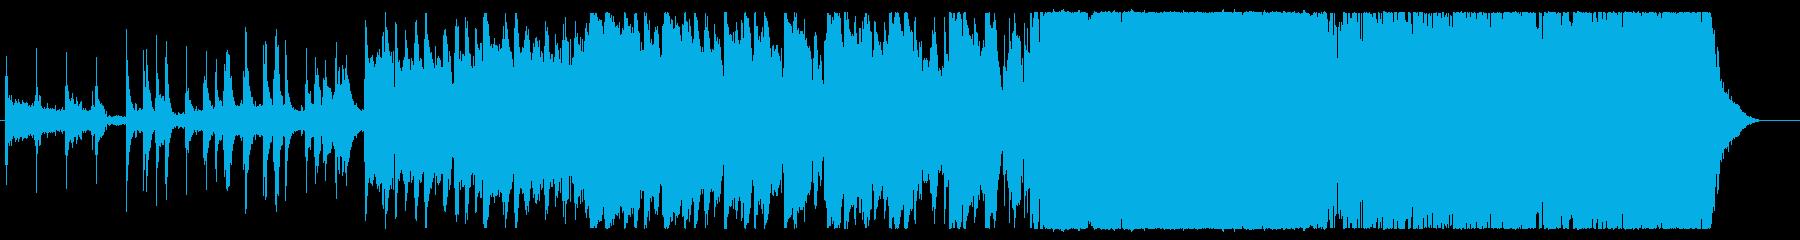 近未来的な3拍子の和風HIPHOPの再生済みの波形